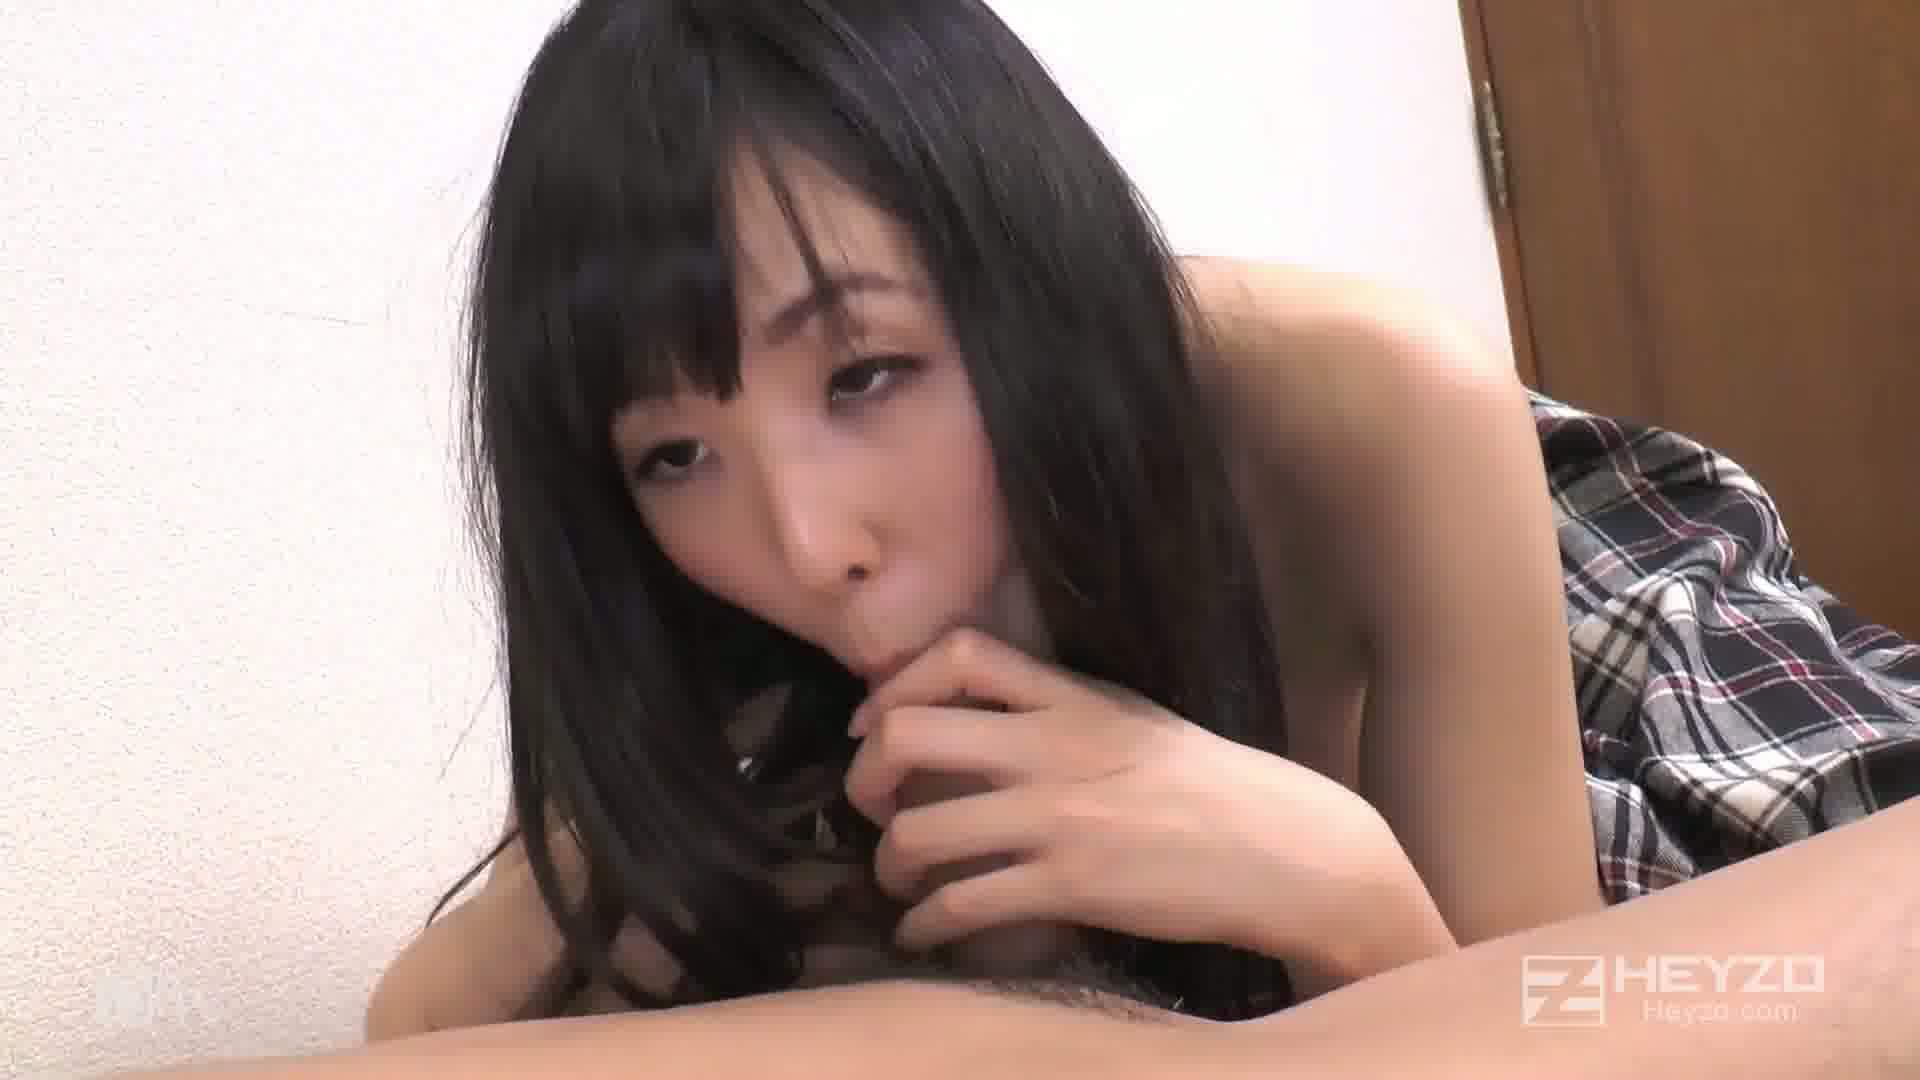 清純彼女は淫乱痴女!? - 上野真奈美【フェラ オナニー クンニ】